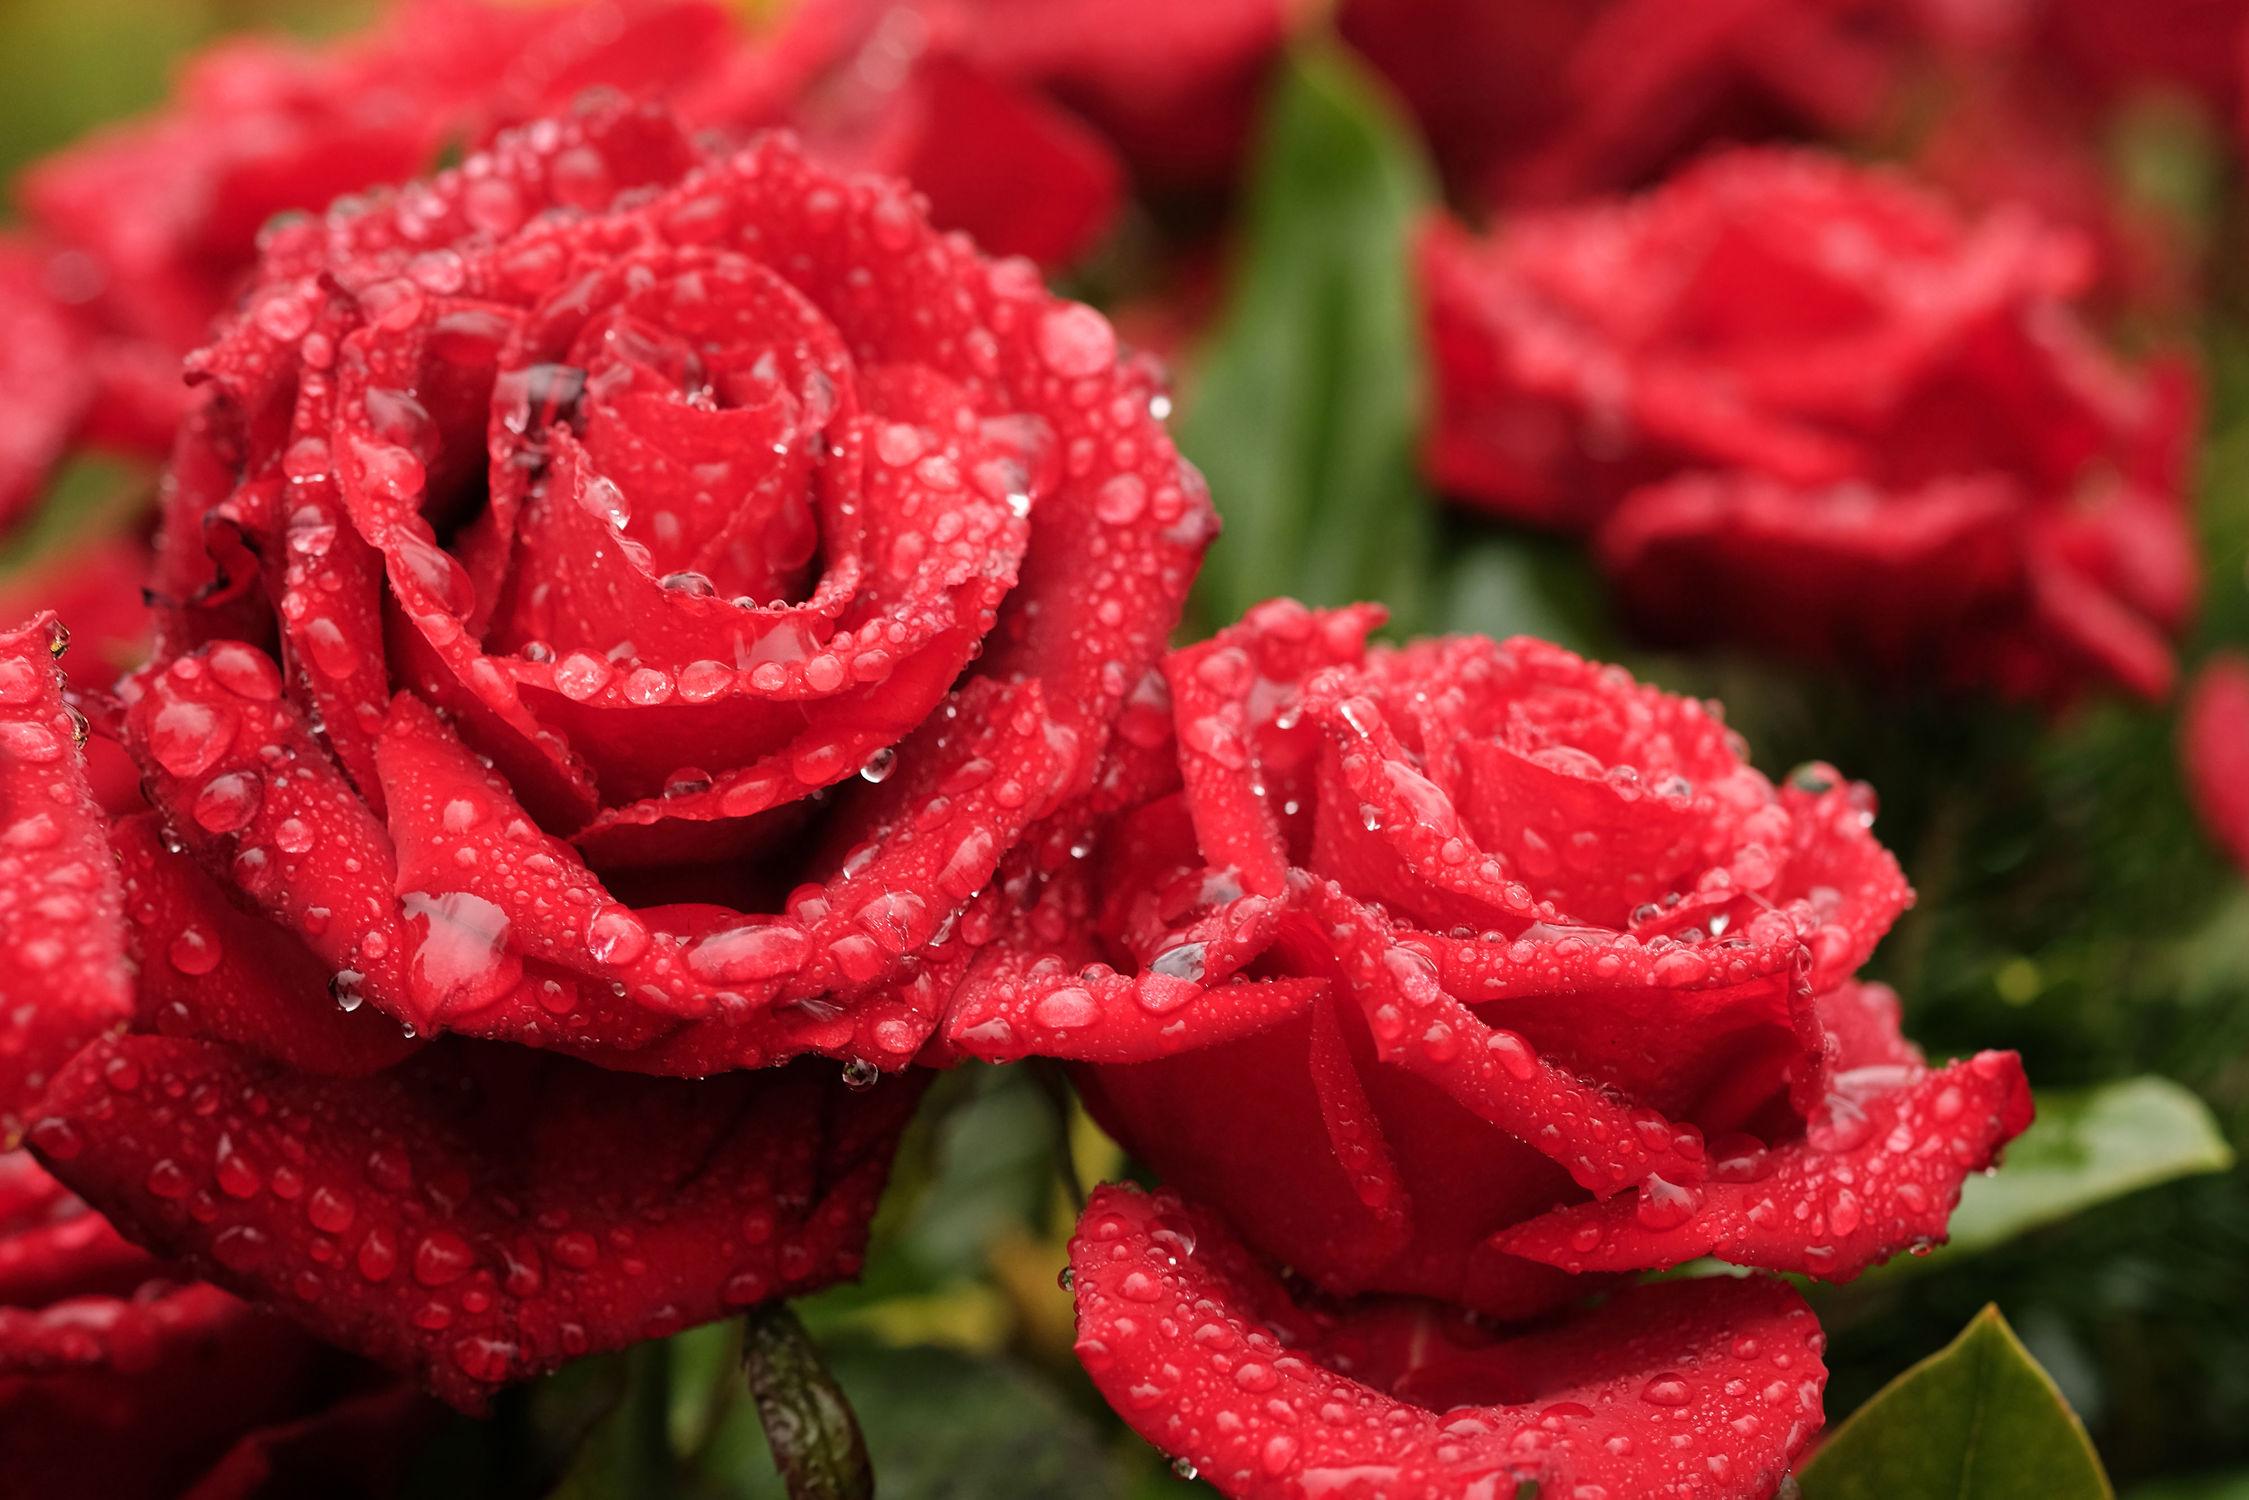 Bild mit Pflanzen, Blumen, Rot, Rosen, Regentropfen, Tropfen, Freundschaft, Ausspannen, Liebe, Tautropfen, Tränen, Duett